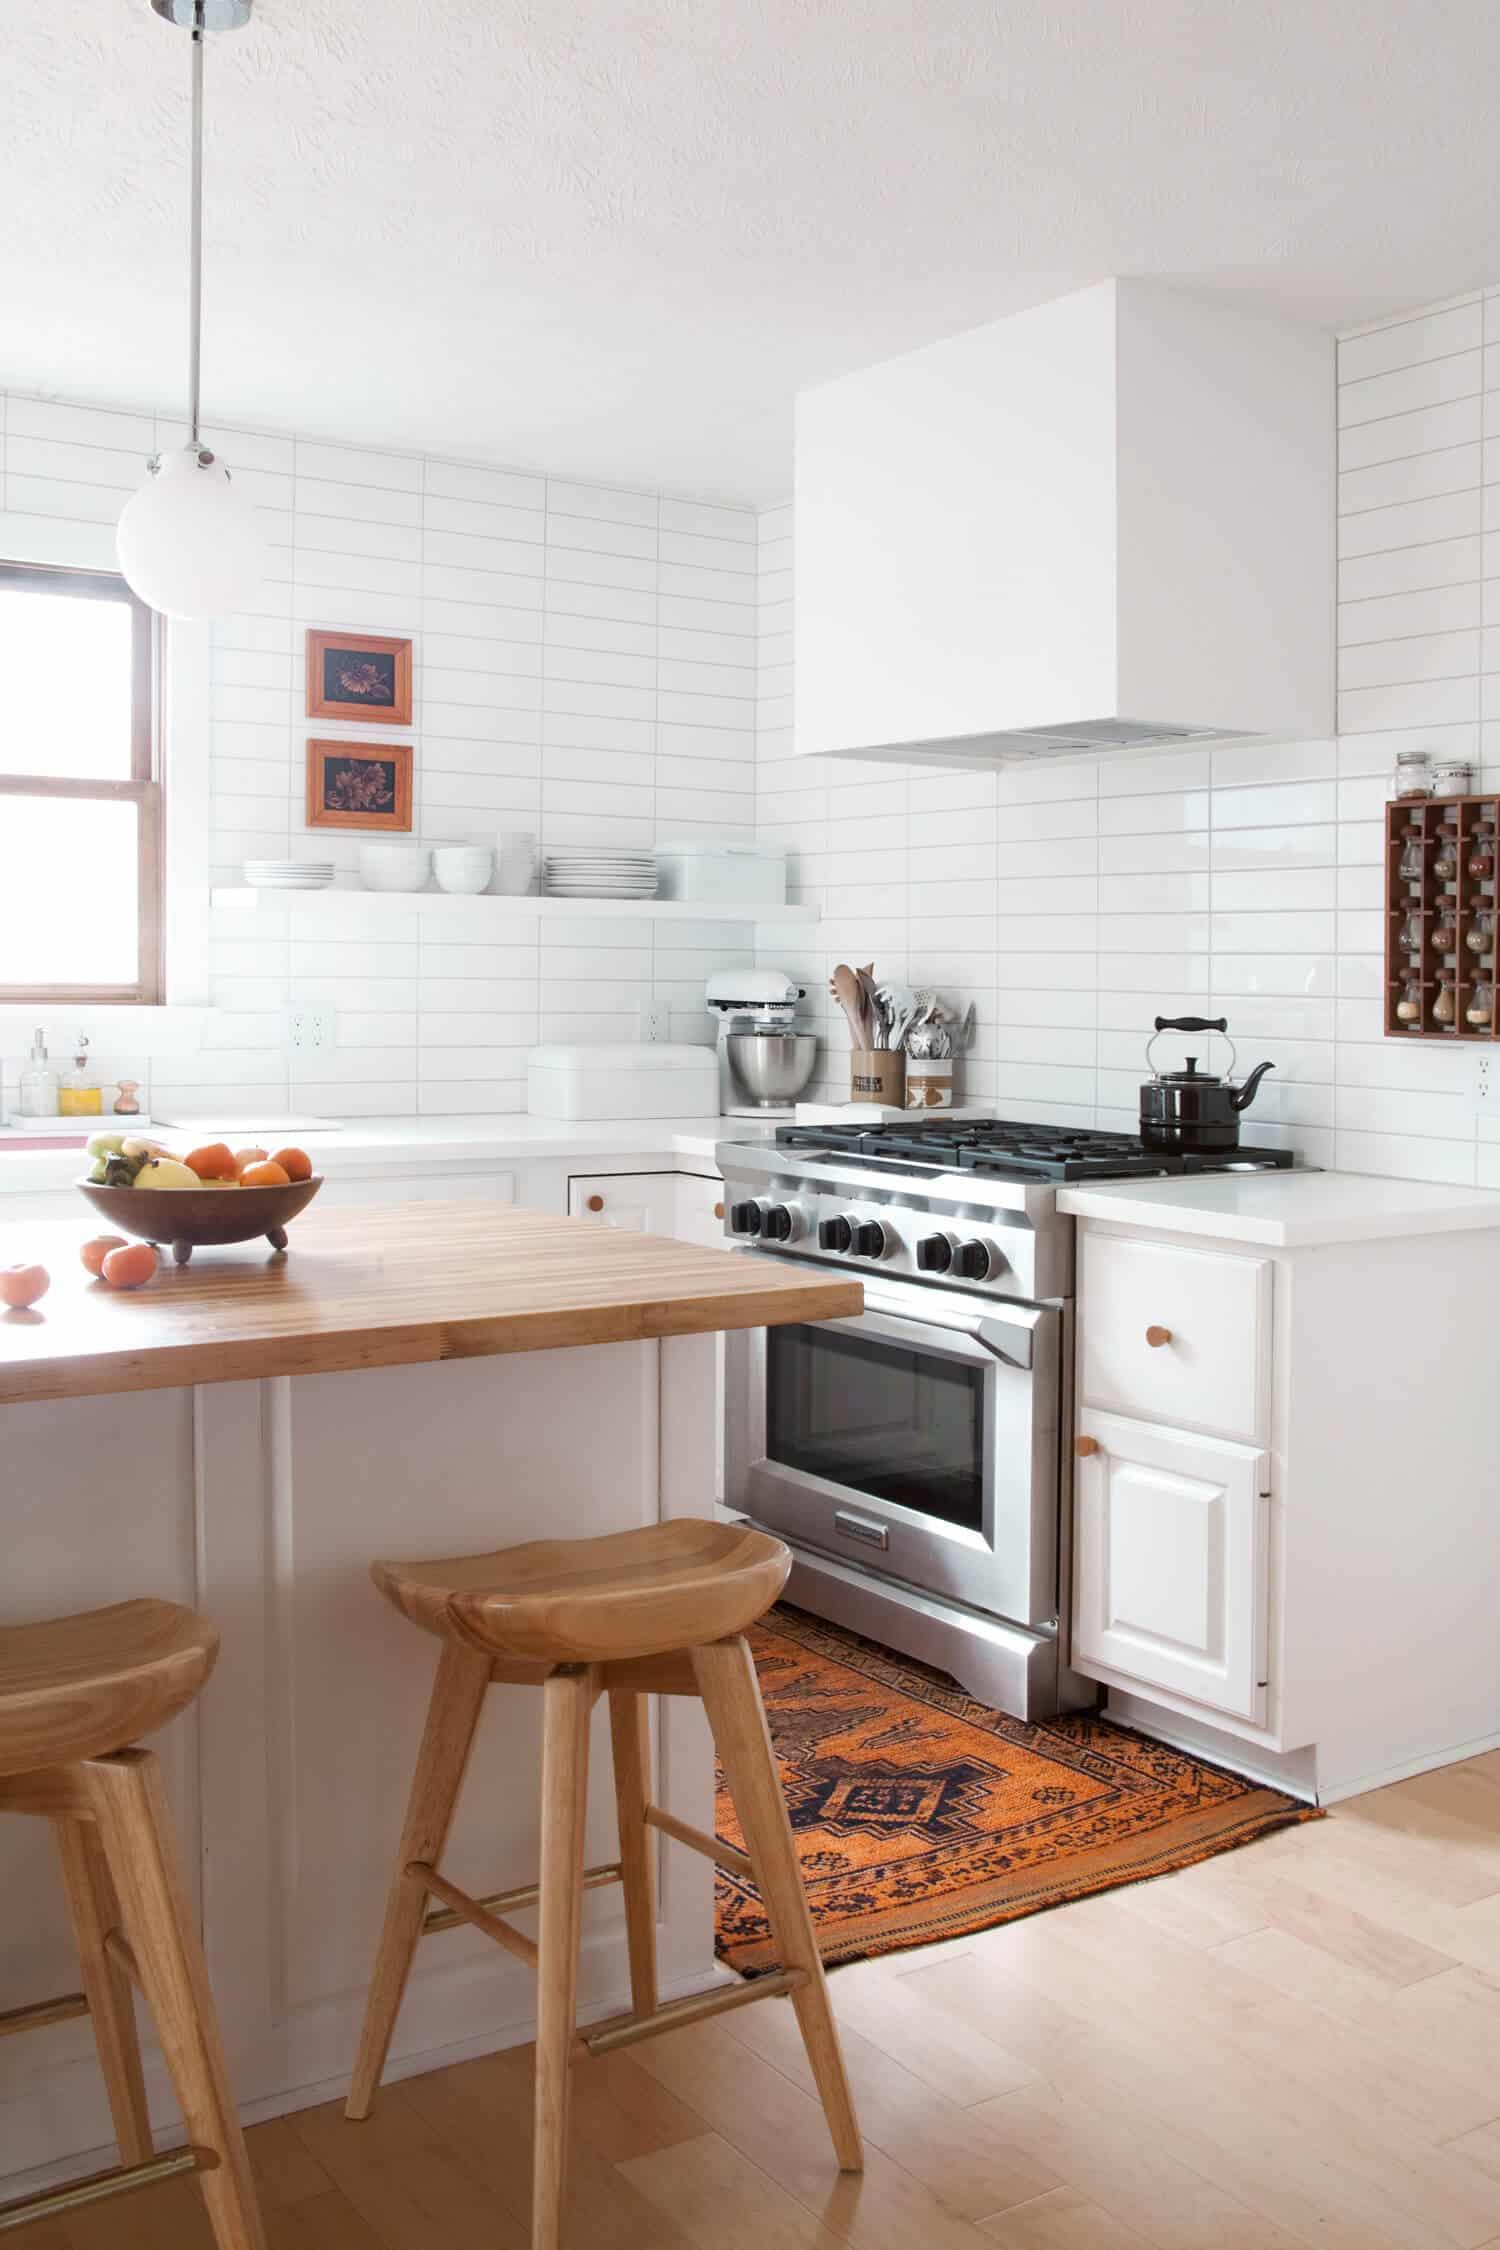 Mandi S Kitchen Renovation Reveal A Beautiful Mess